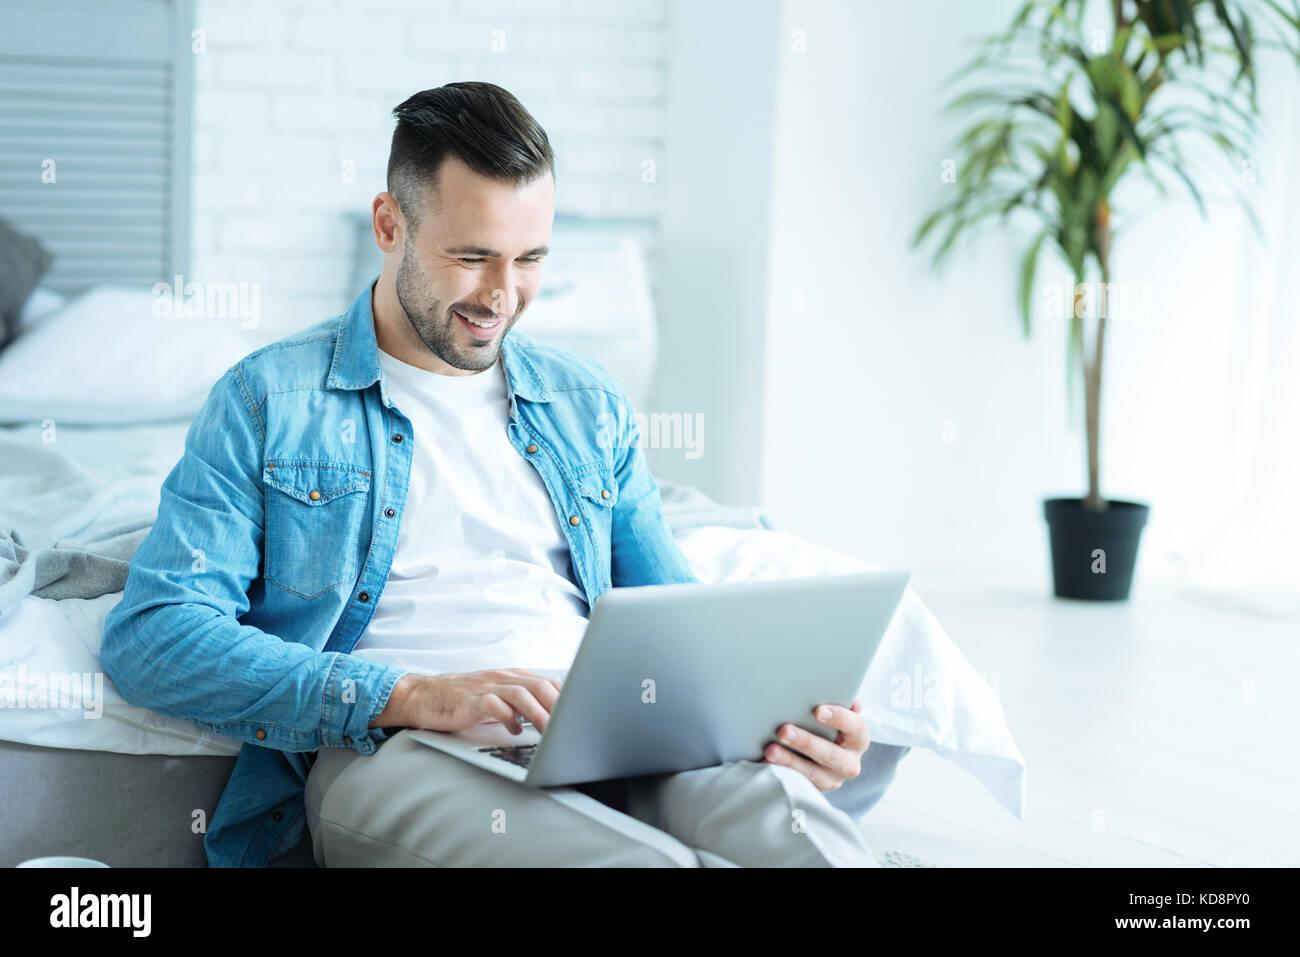 Freudiger Mann grinste breit, während mit Laptop Stockbild